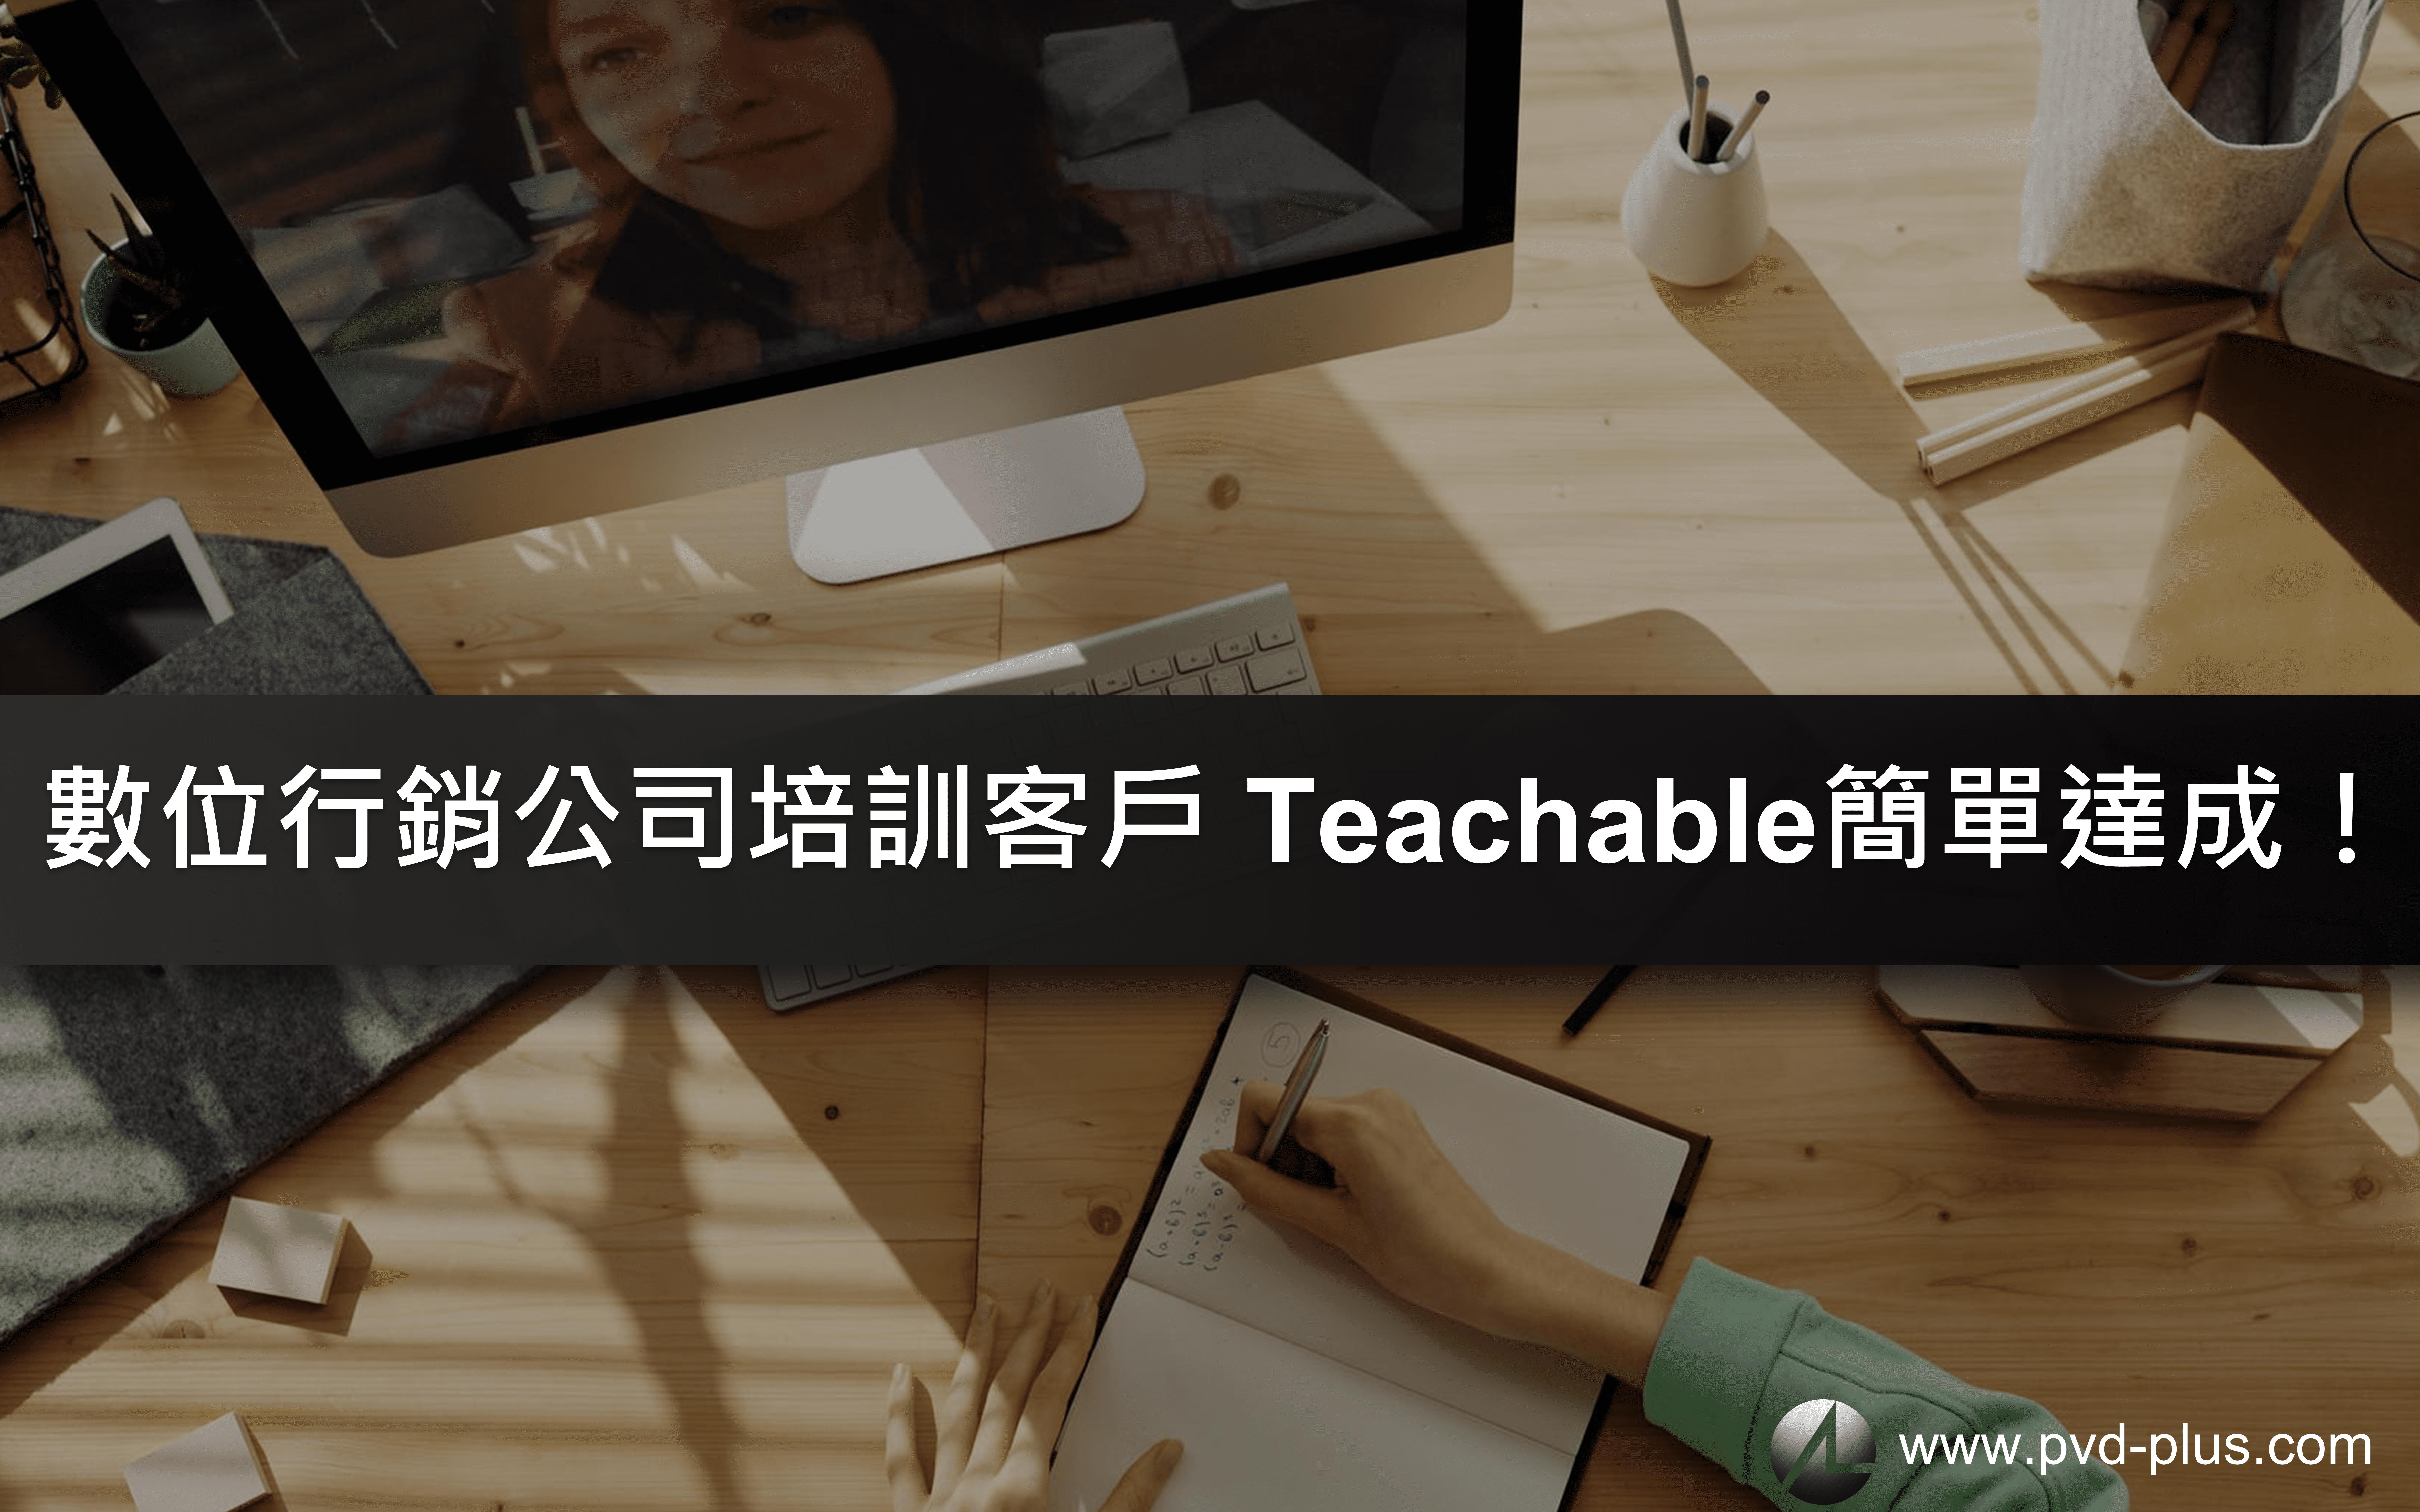 數位行銷公司輕鬆使用線上開課平台 Teachable 架設培訓課程,附贈5個必學功能!